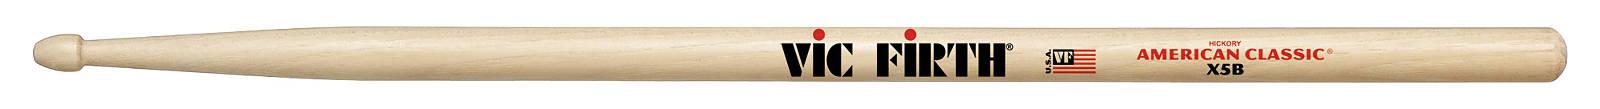 Vic Firth X5B Sticks lang